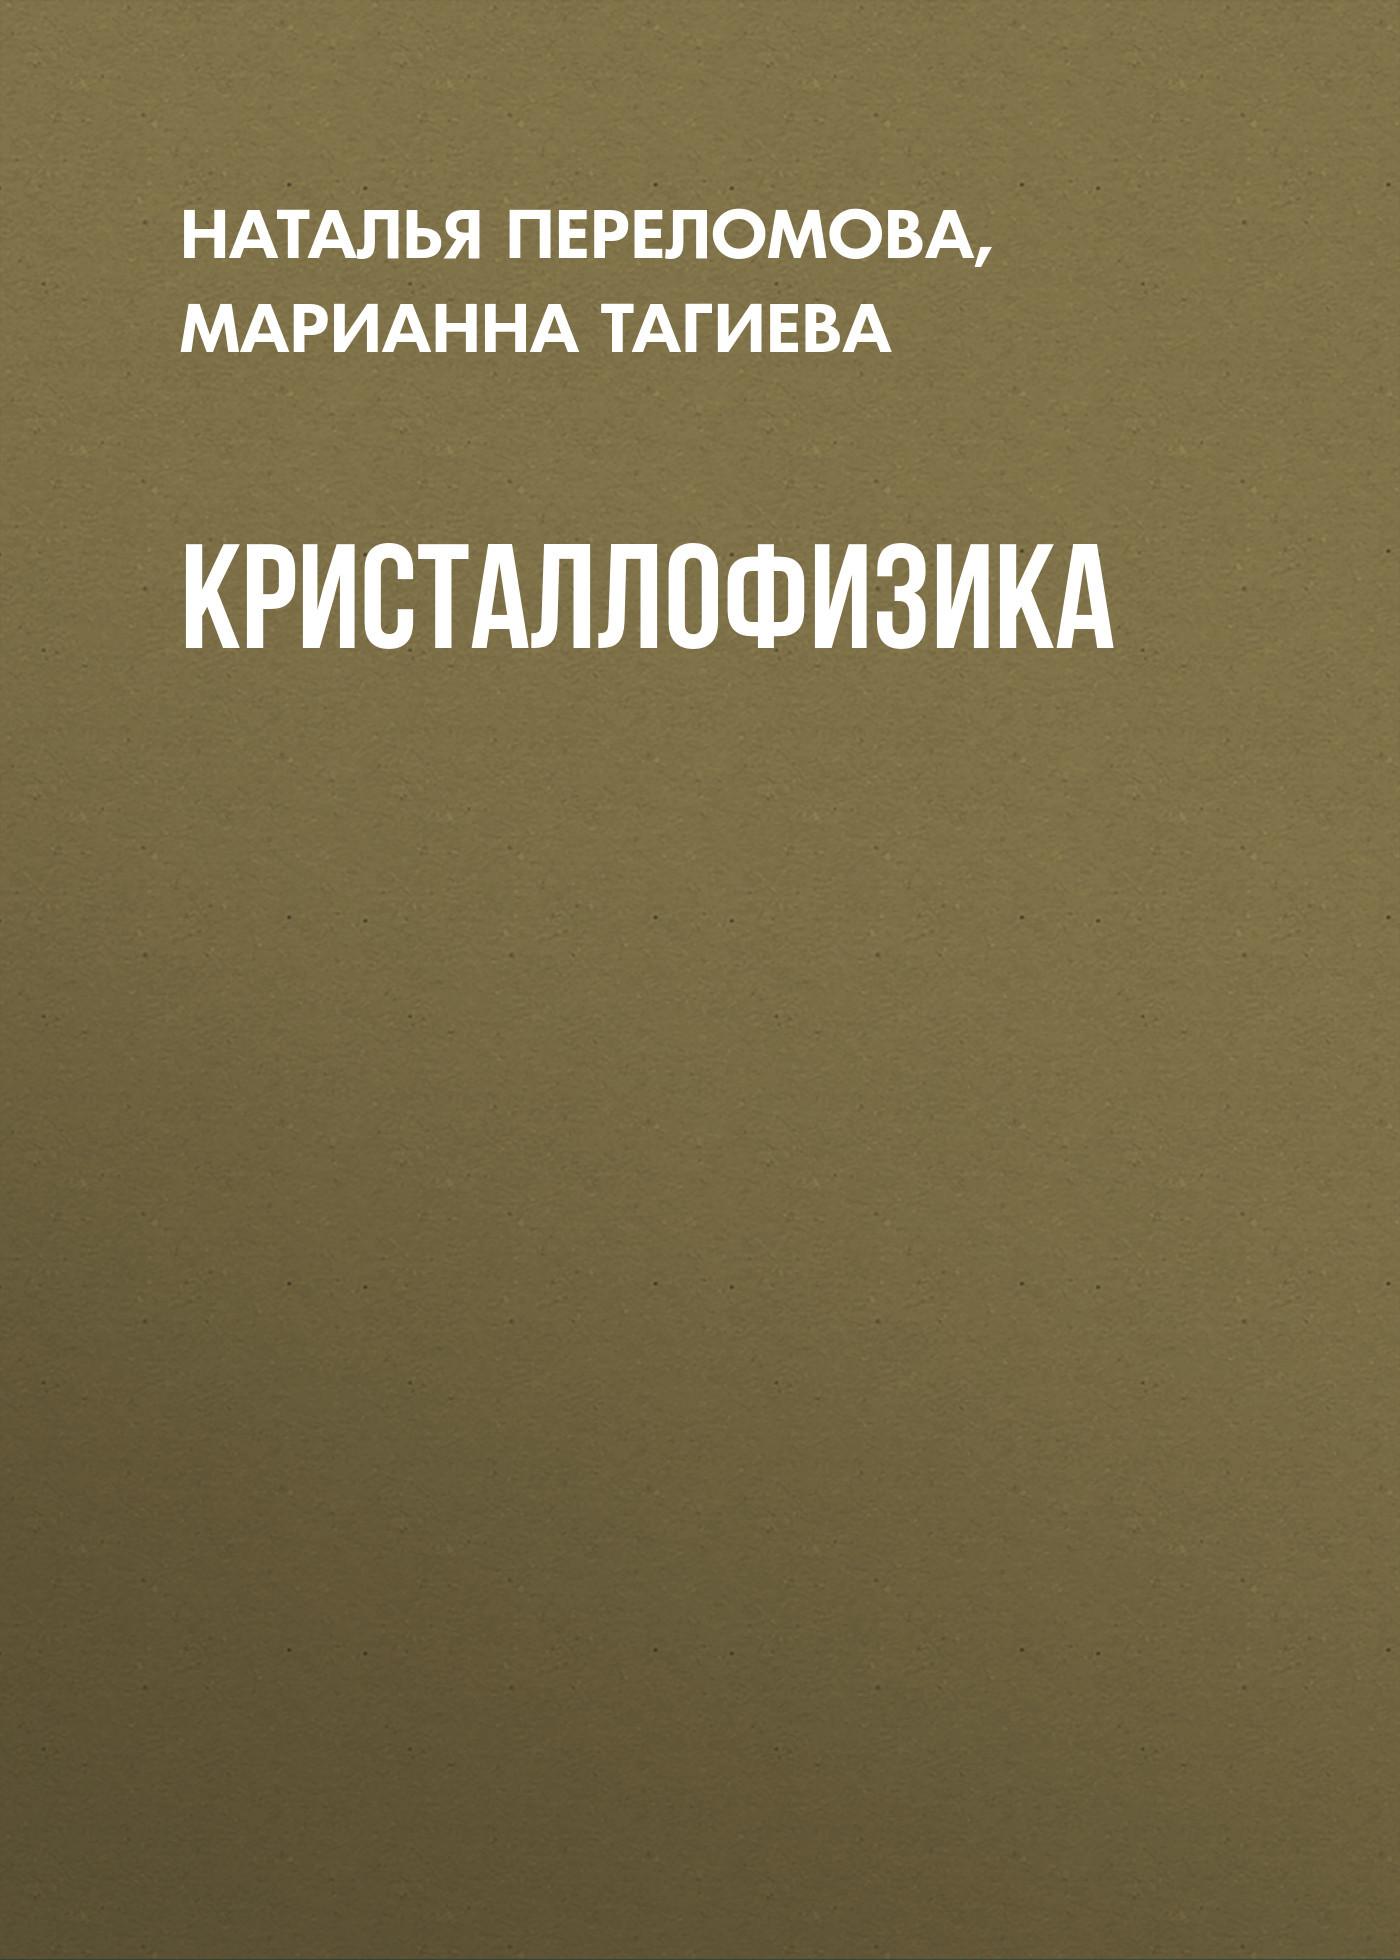 Наталья Переломова Кристаллофизика кристаллофизика